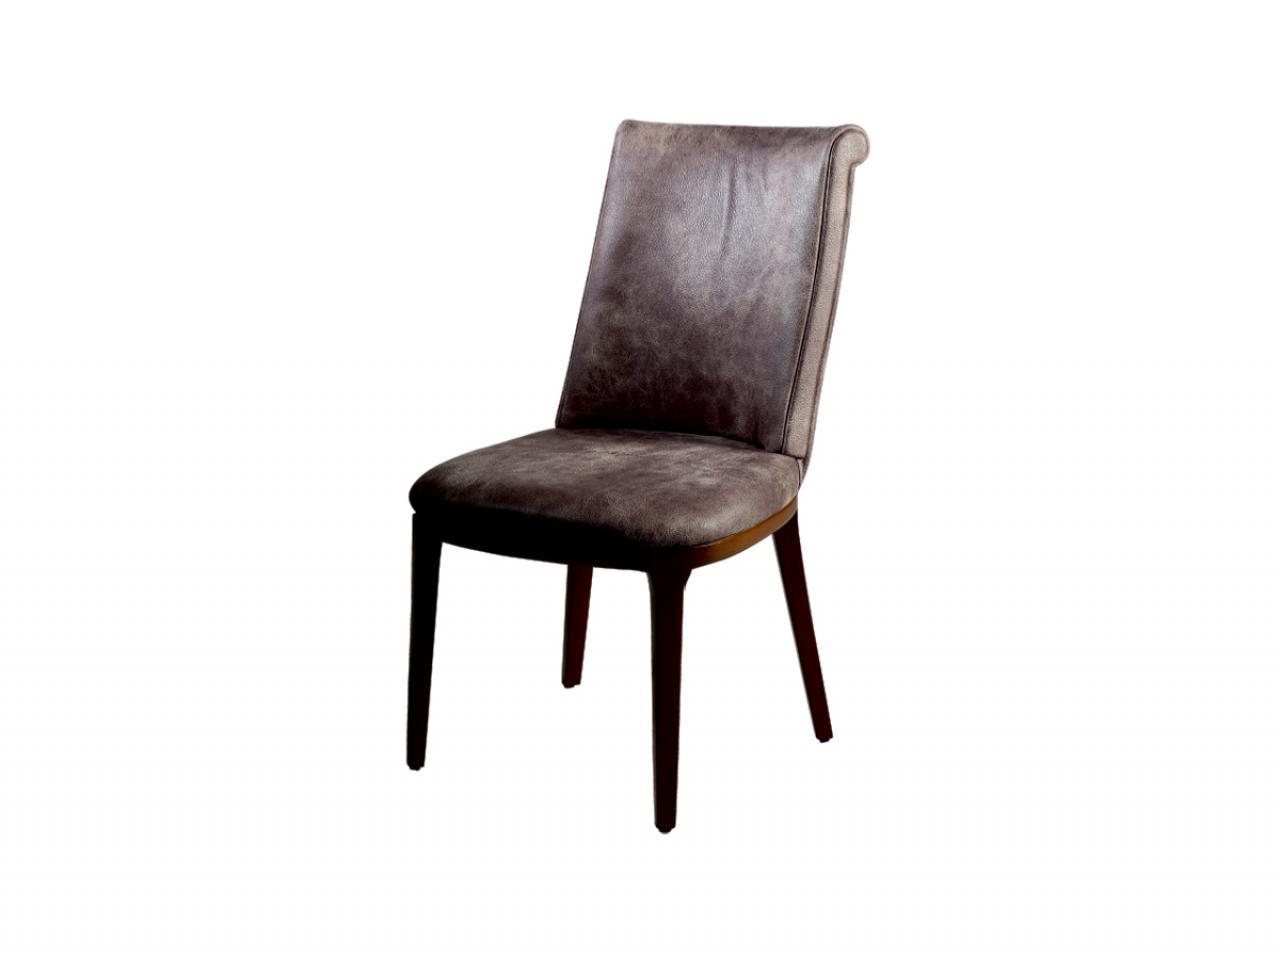 334 Sandalye - Sandalyeler